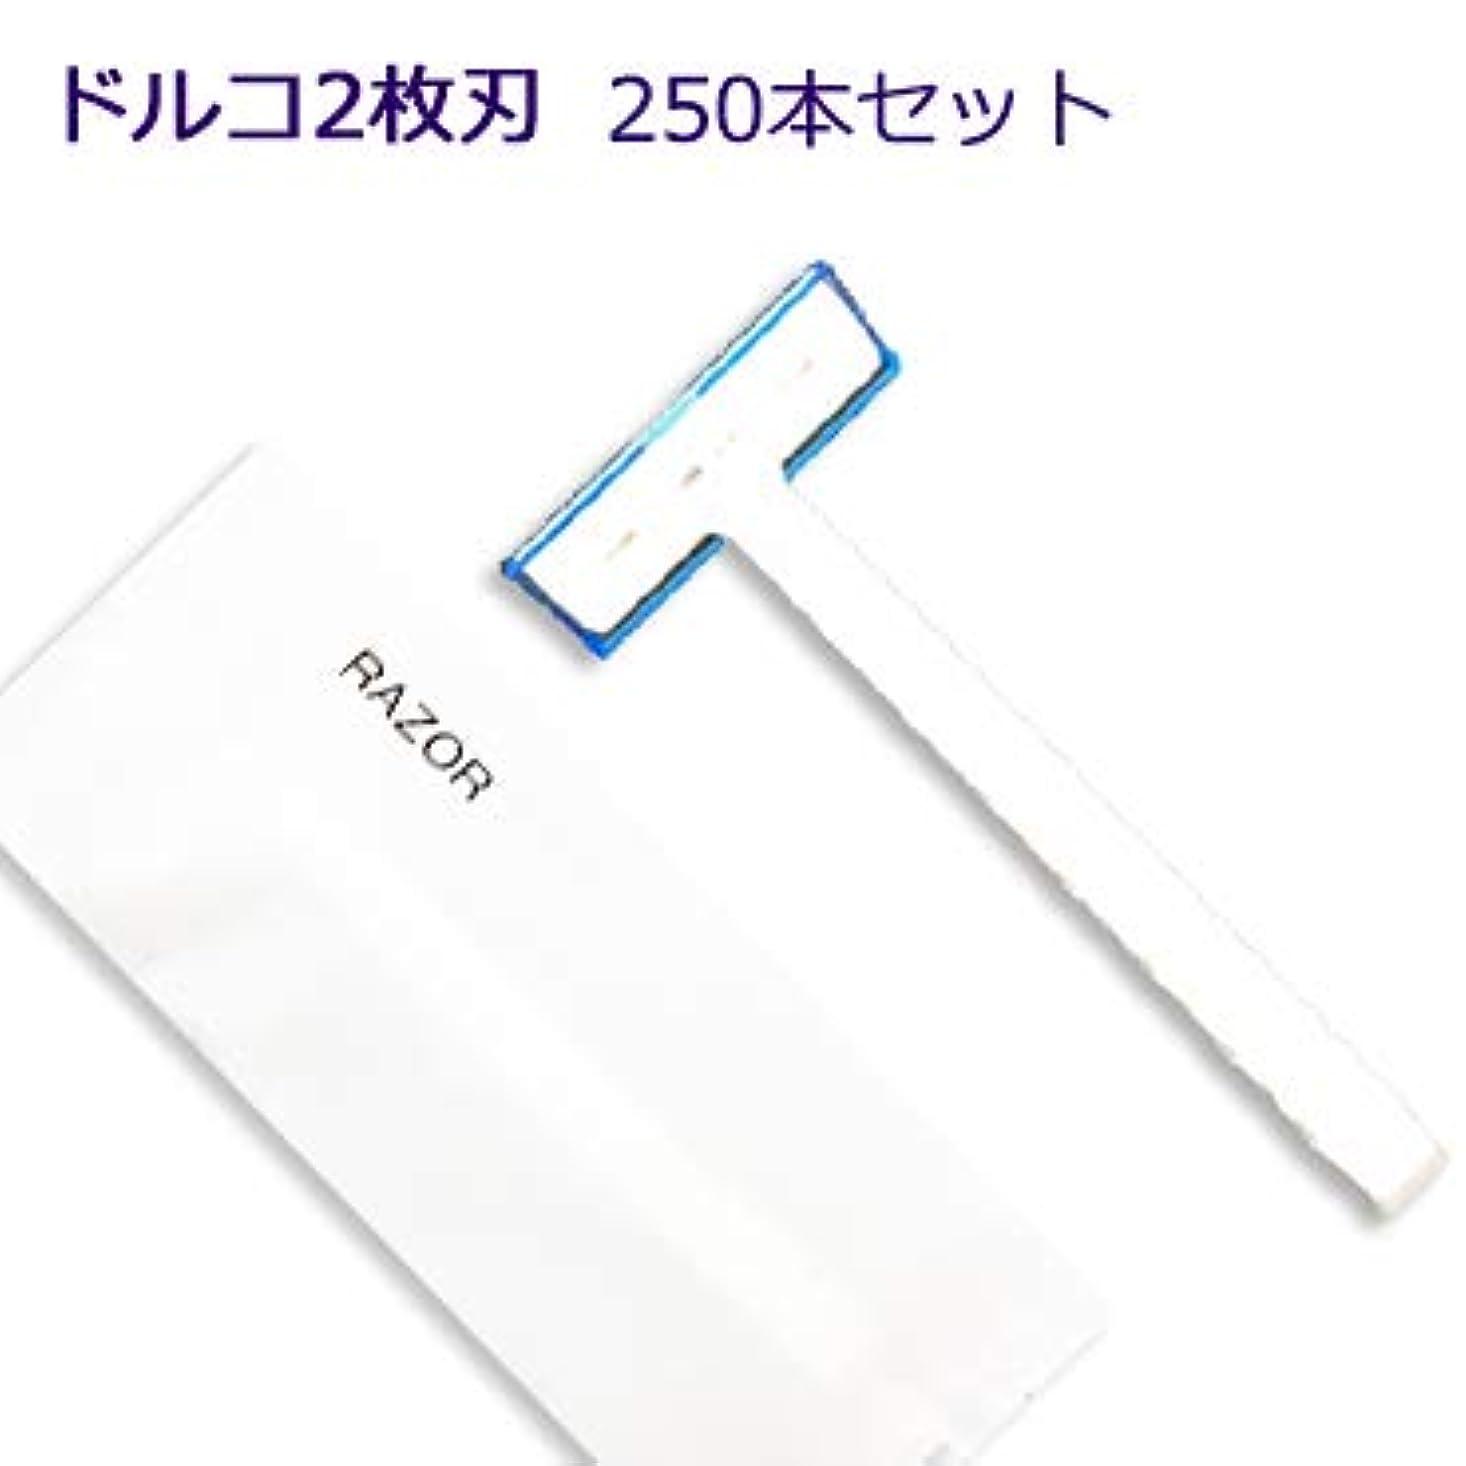 抗議パール行進ホテル業務用 カミソリ マットシリーズ ドルコ 2枚刃 (1セット250個入)